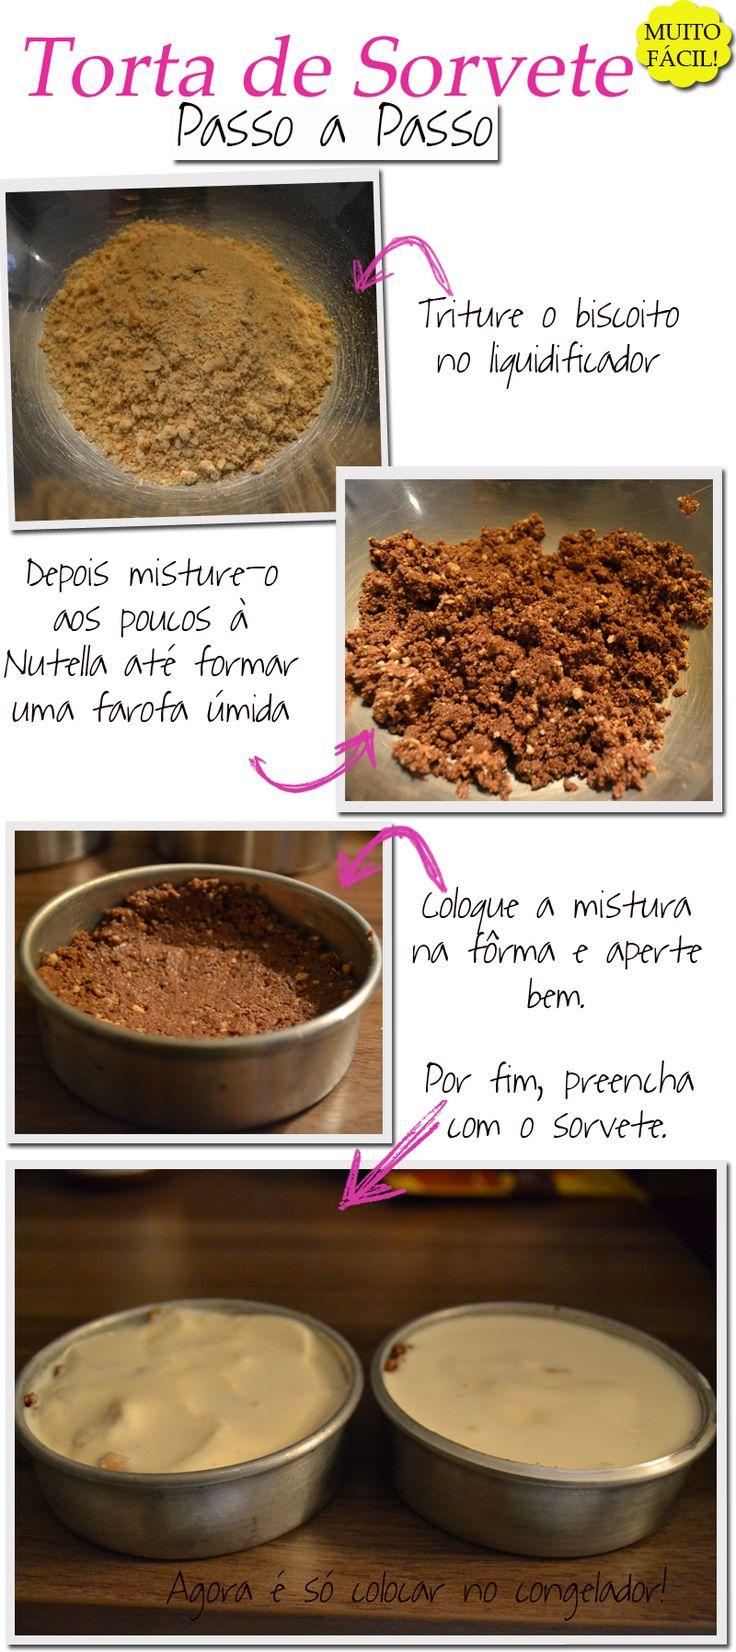 Receita de Torta de Sorvete  Retire o sorvete do freezer para q ele vá derretendo.1)Triture os biscoitos no liquidificador até formar uma farinha grossa.2)Misture aos poucos essa farinha à nutella até q ganhe a consistência d uma farofa úmida.3)Coloque essa farofa no fundo da fôrma apertando bem e subindo um pouco pelas laterais.4)Por cima, despeje o sorvete já derretido.Colocar p/ congelar (+ ou - 3 h).5)Desenforme c/ cuidado e decore c/ raspas d chocolate.